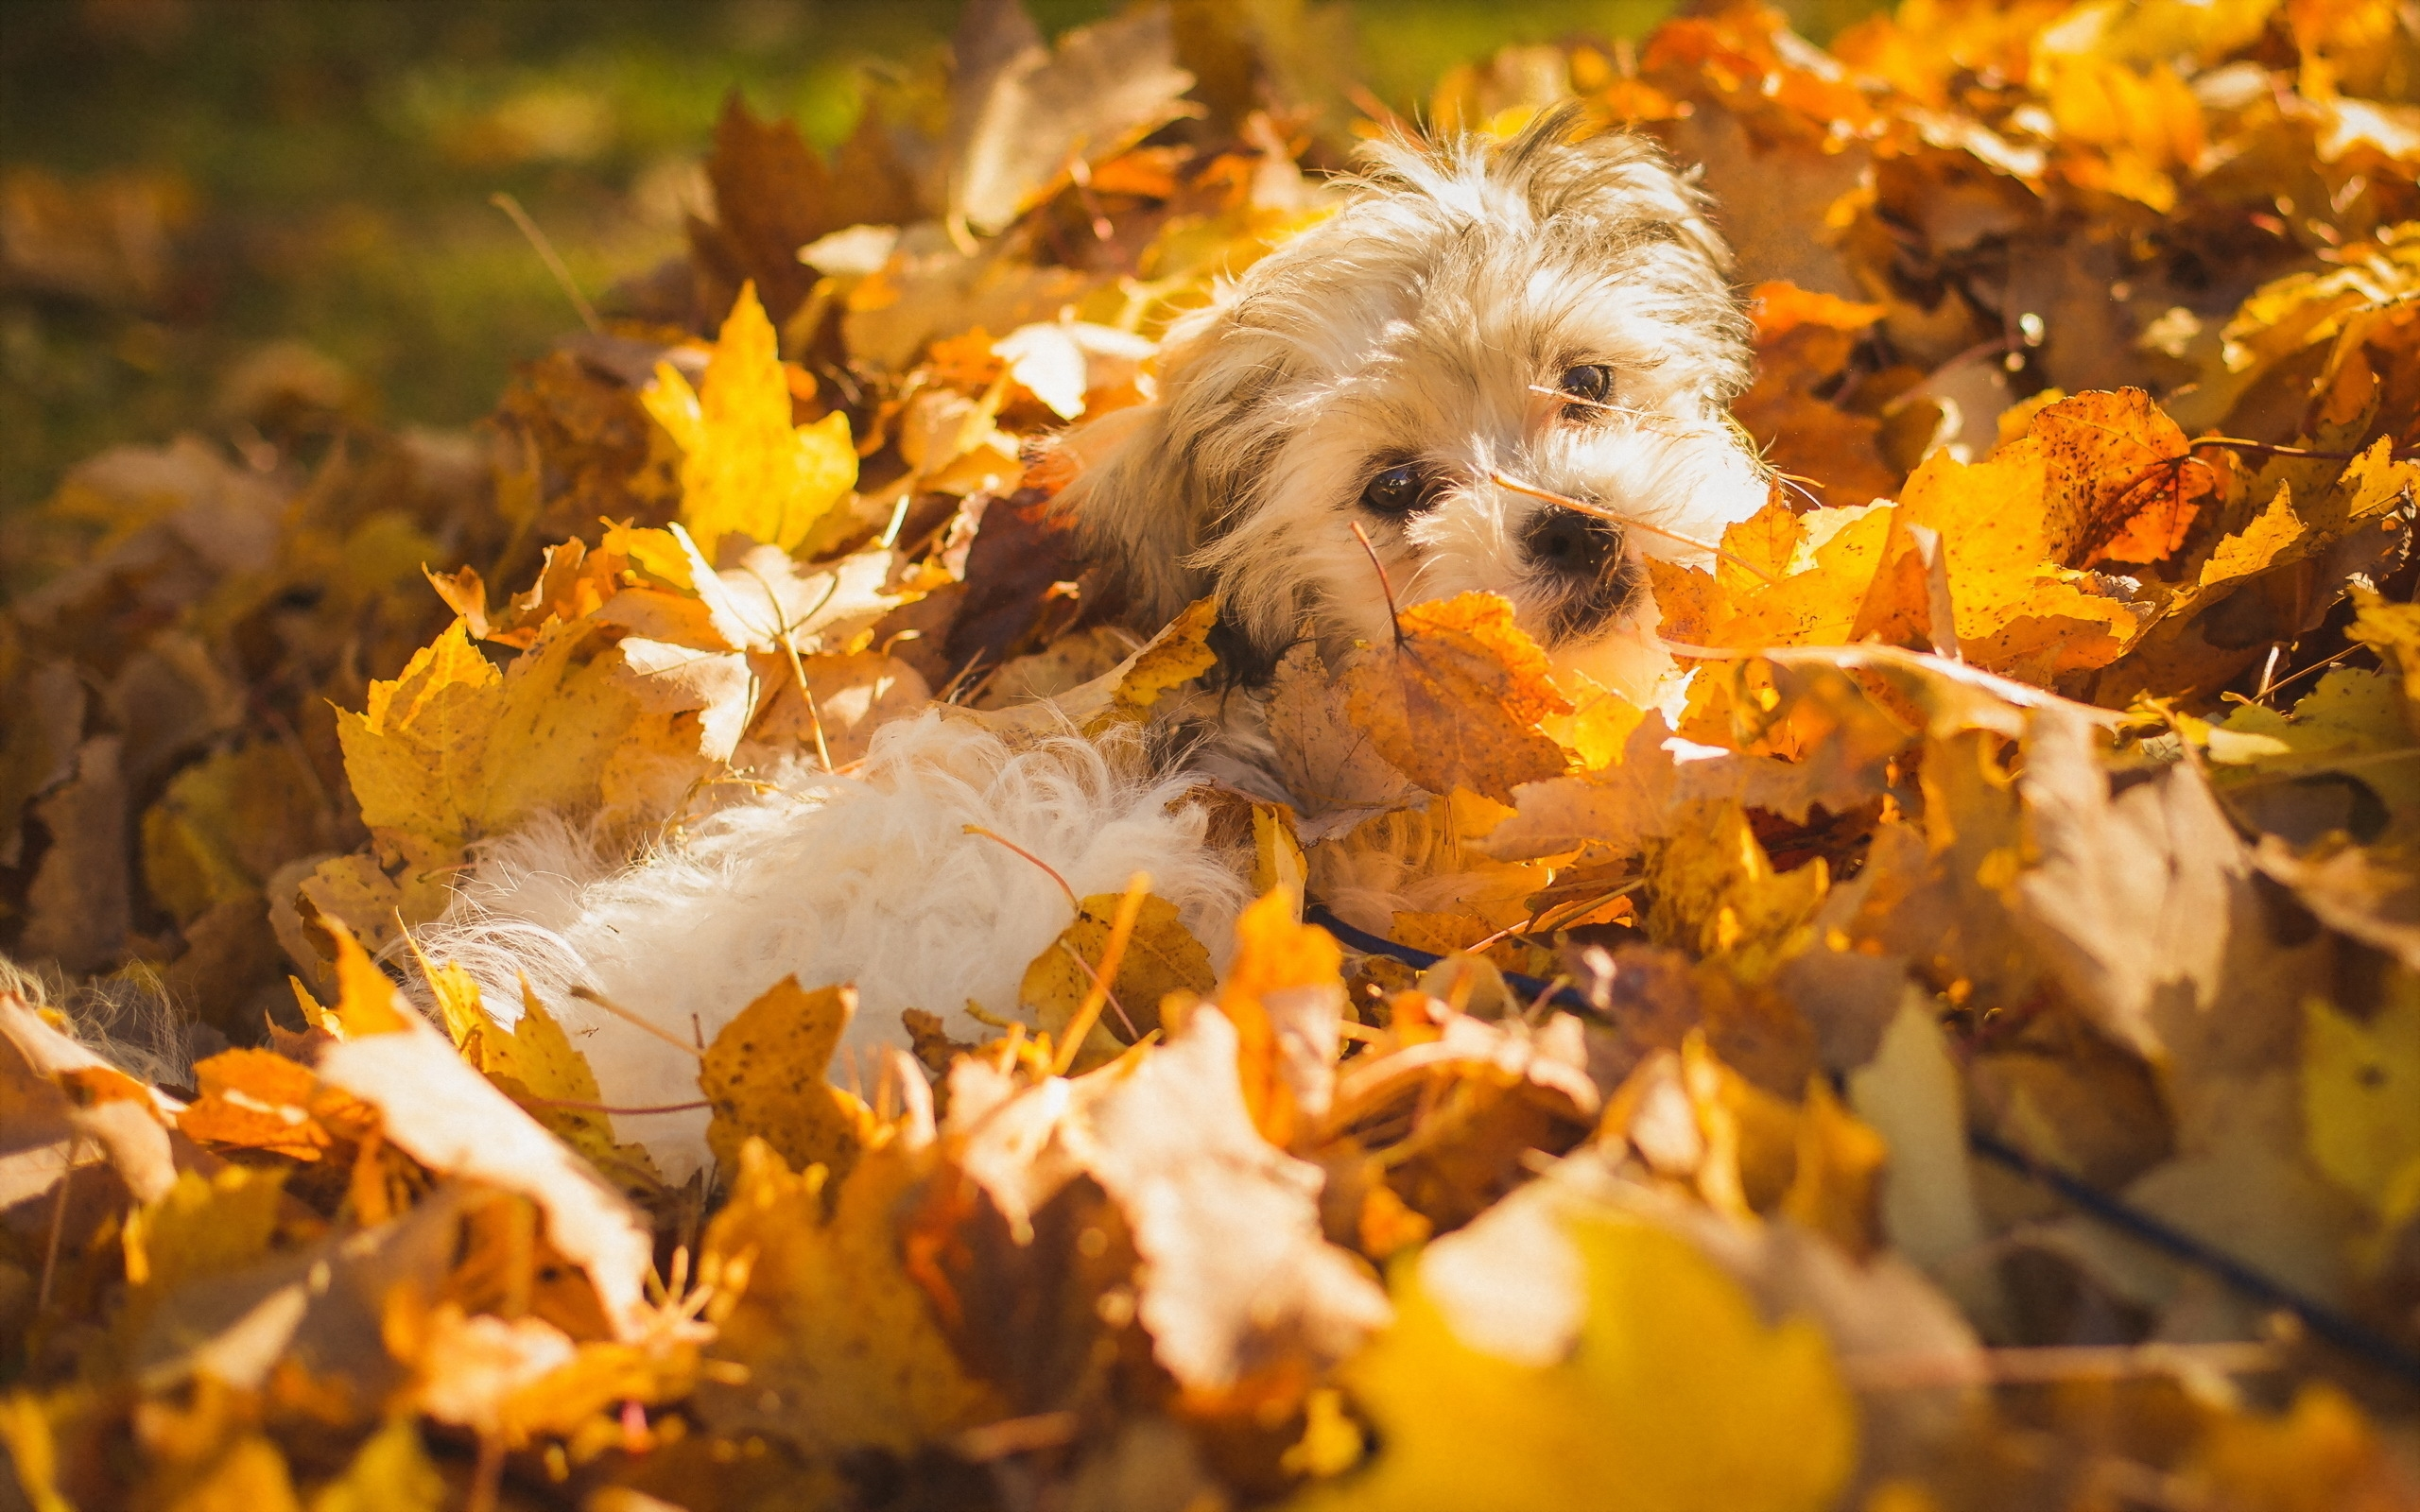 природа животные собака осень листья  № 2019483  скачать